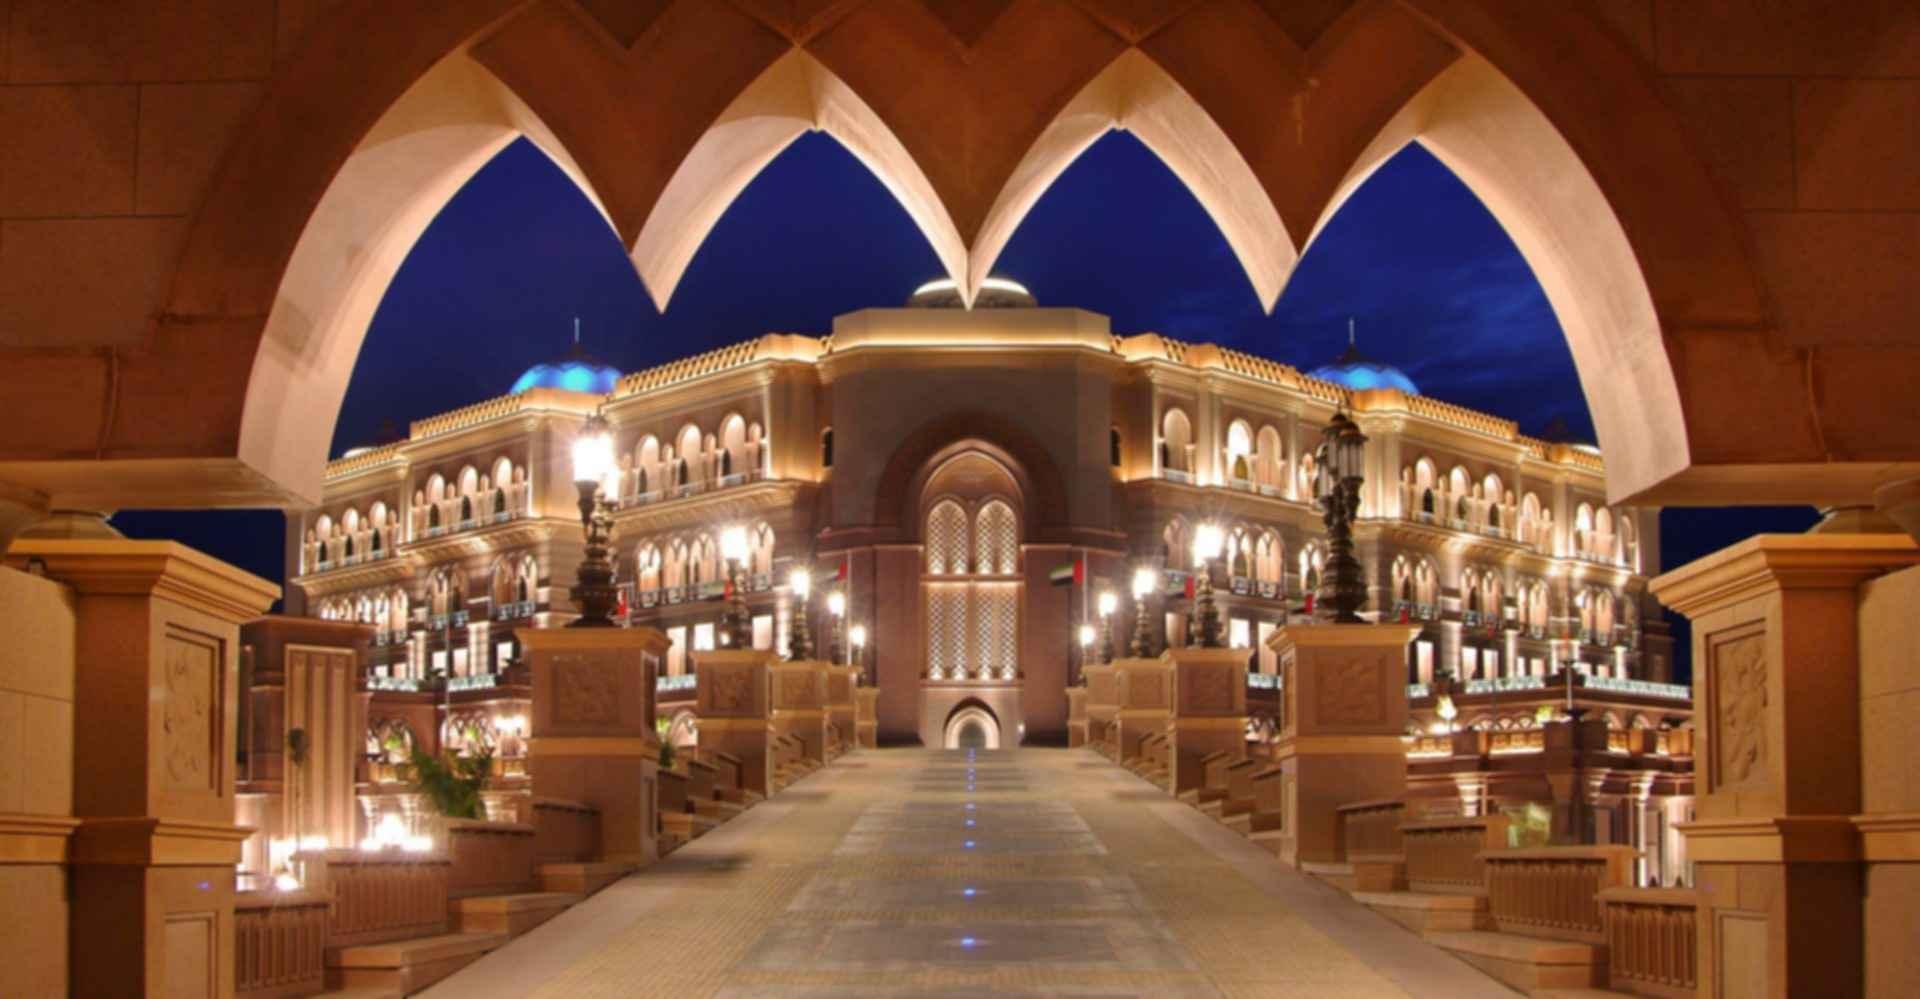 Emirates Palace - Entrance